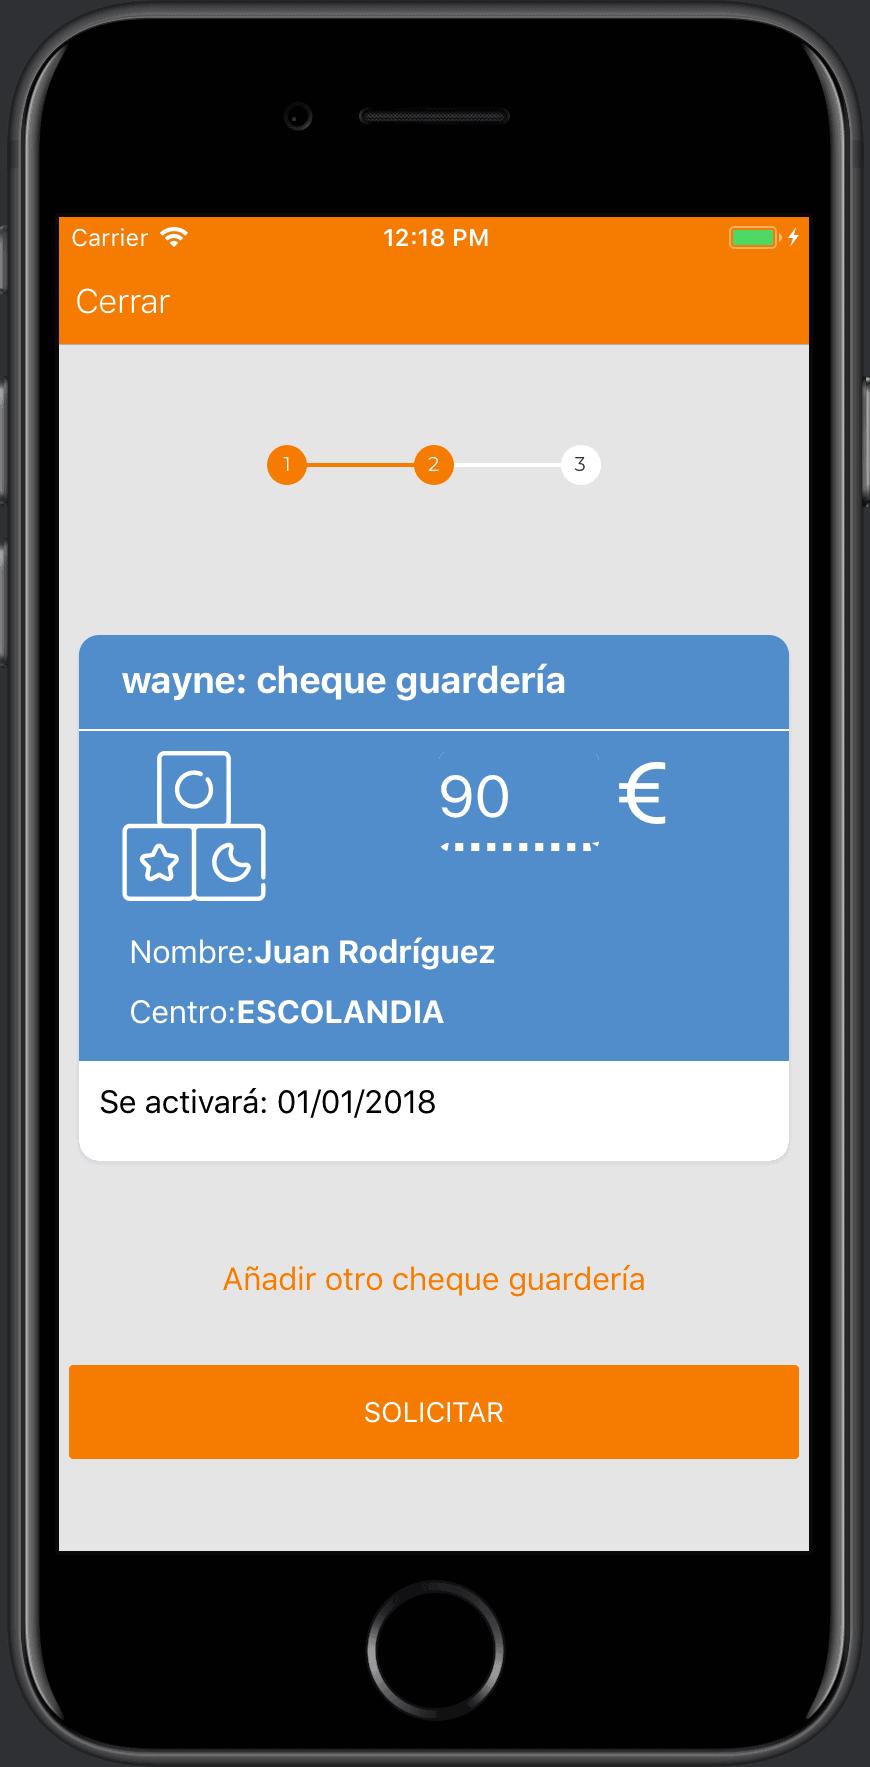 solicitud de cheque guardería desde iphone